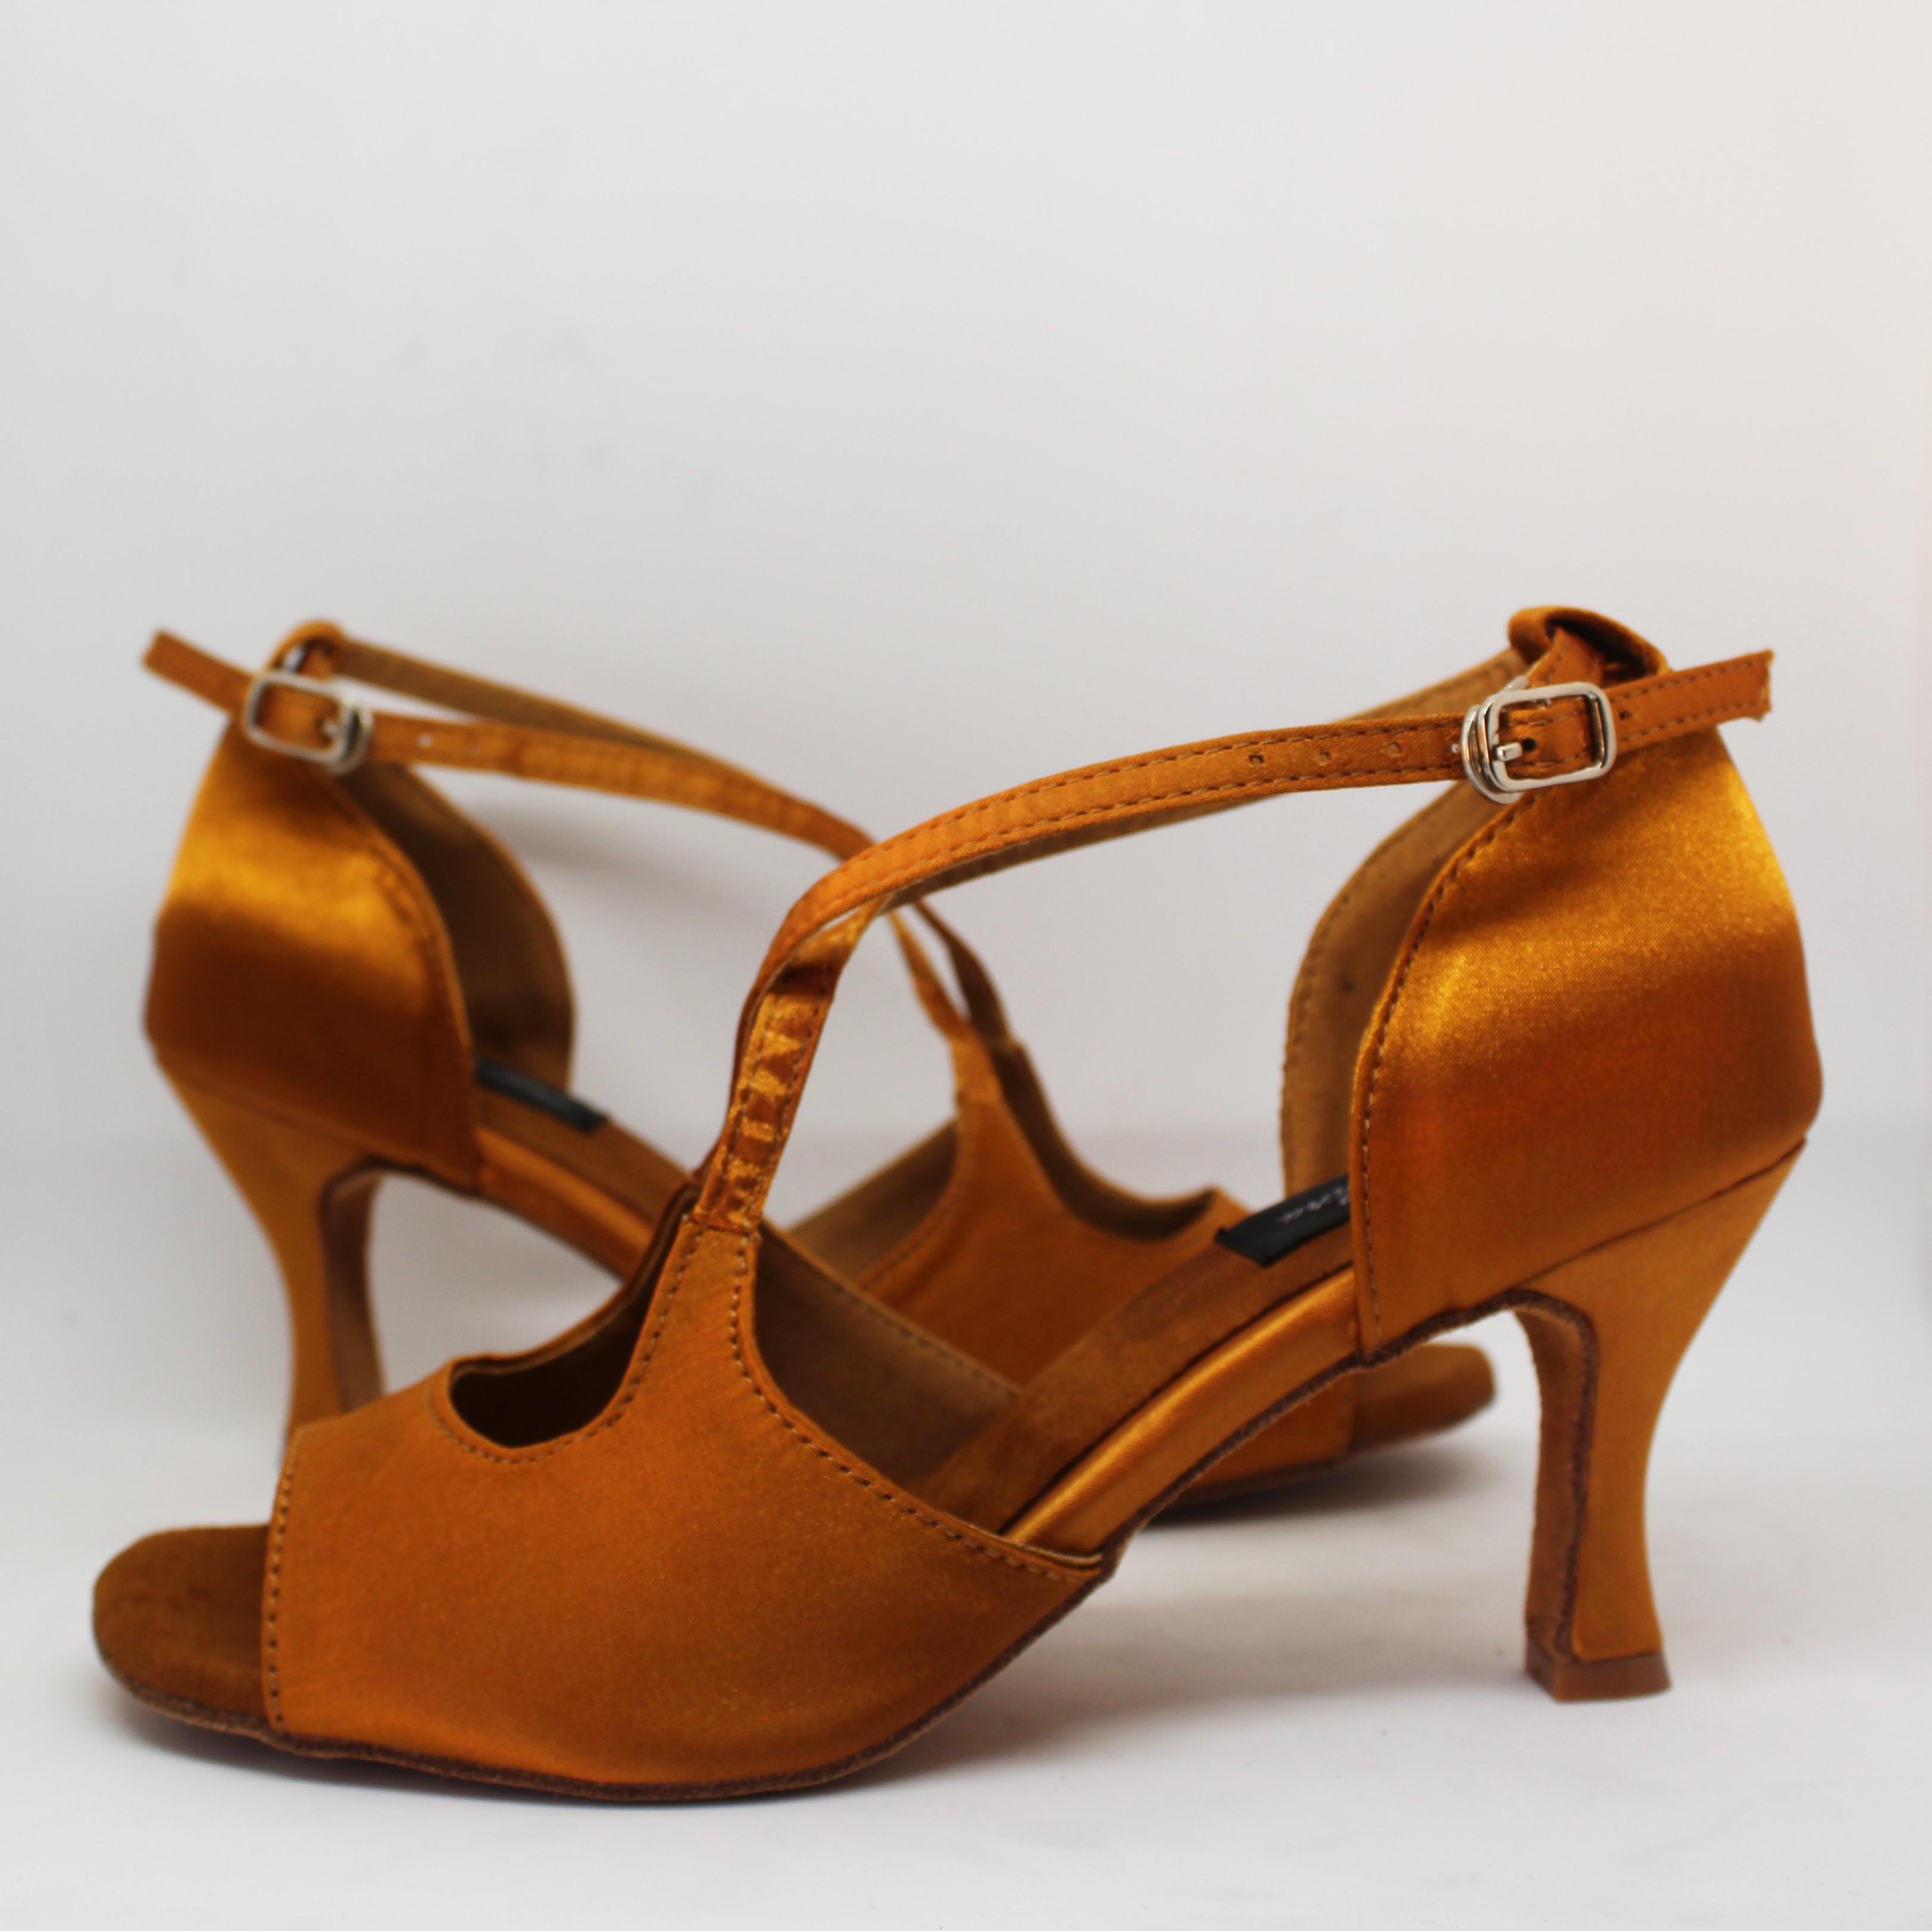 disponibilidad en el reino unido 229bf f8a27 Basic 141 Zapatos Baile Latino Básicos Camel